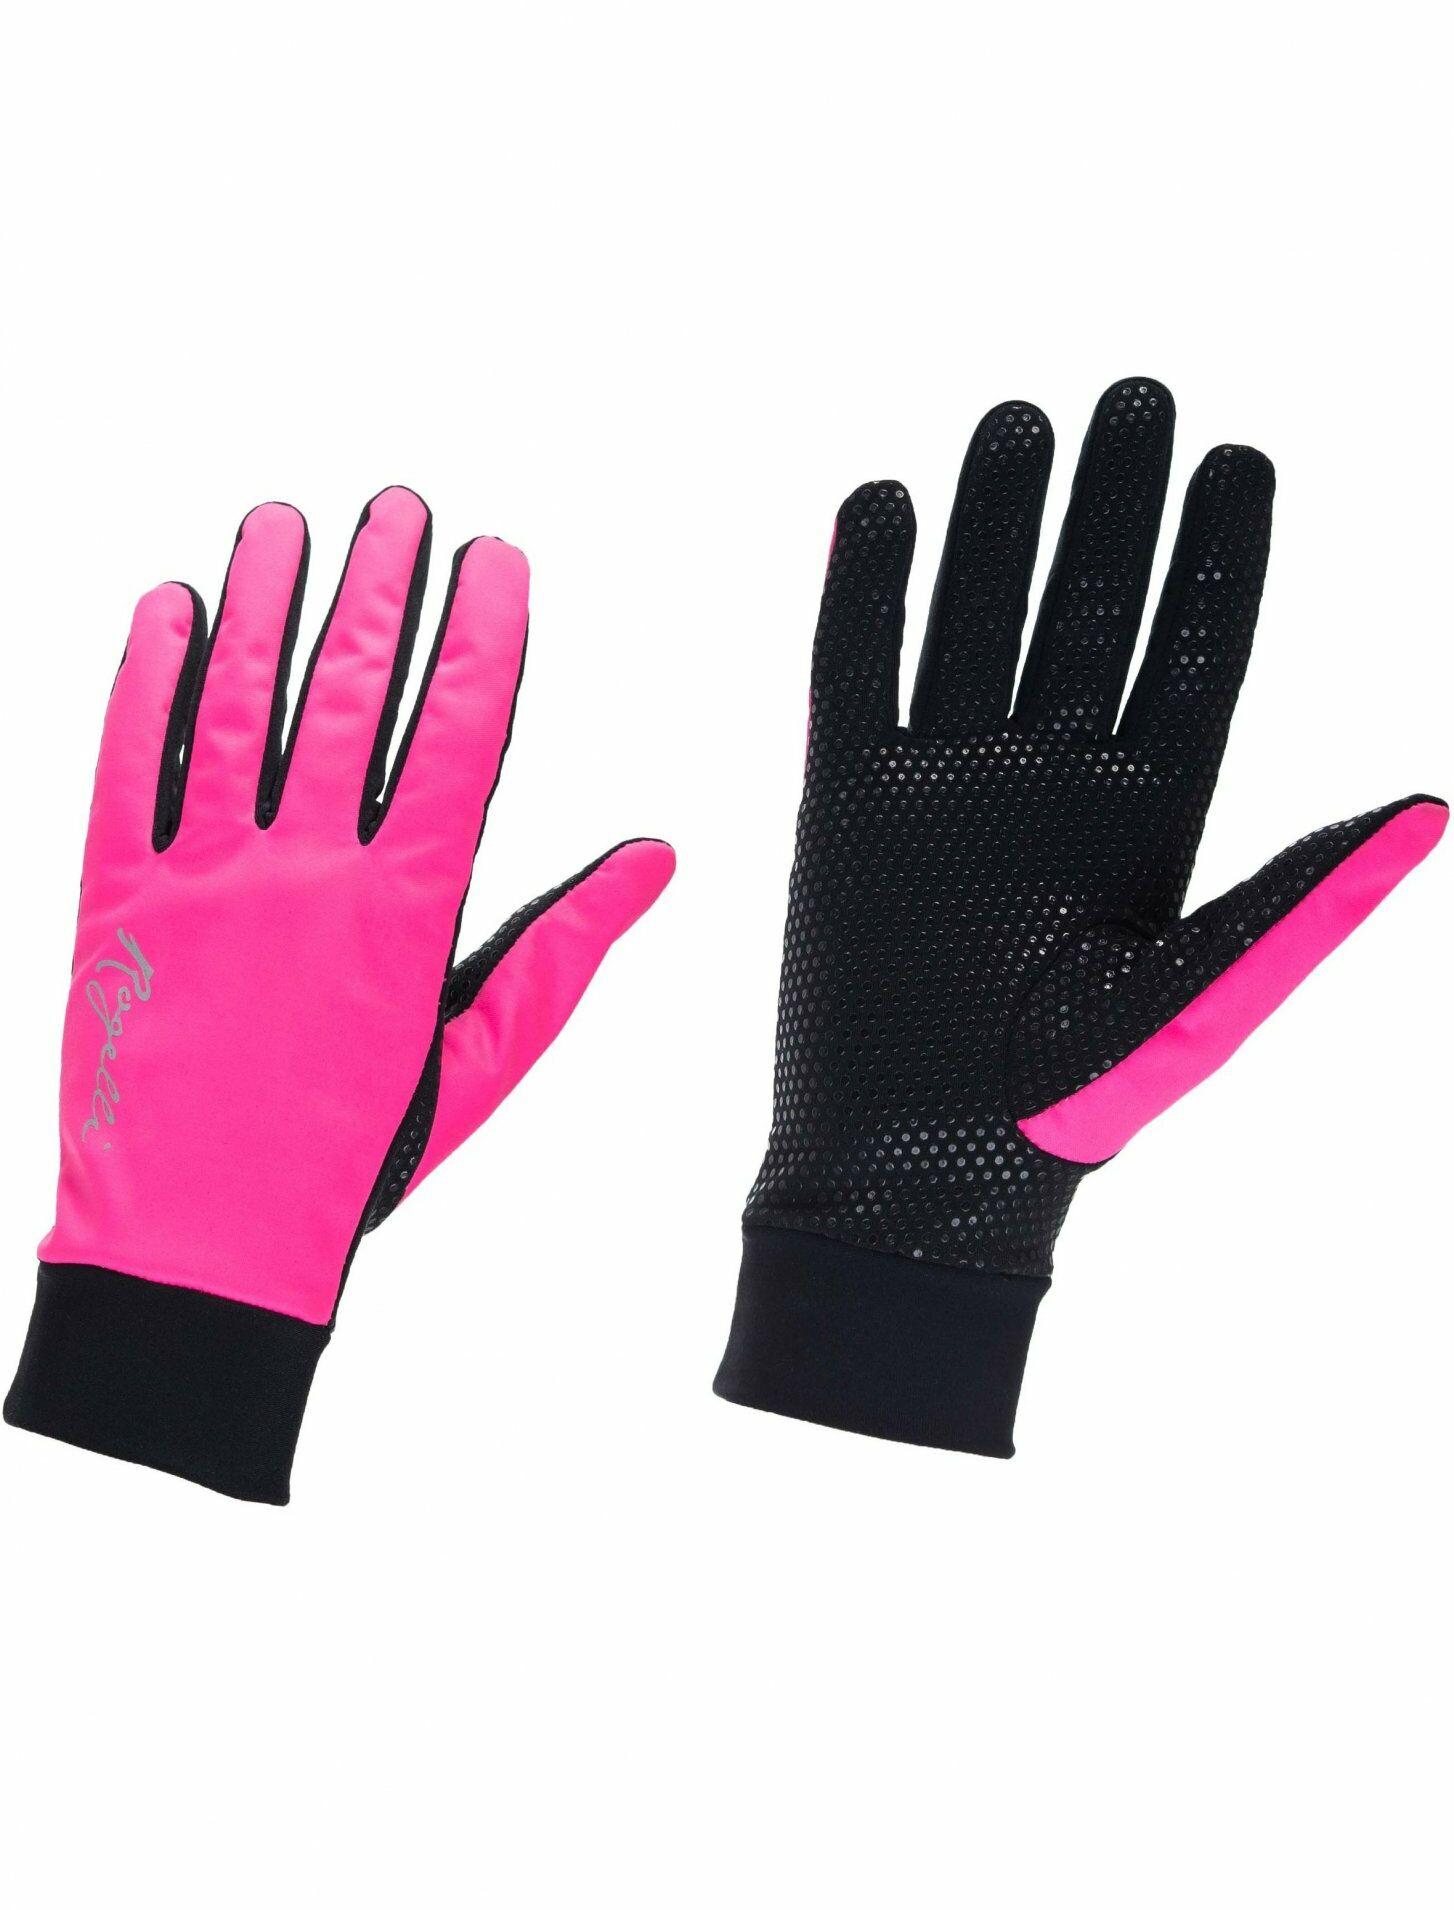 ROGELLI LAVAL Damskie zimowe rękawiczki Różowe 010.662 Rozmiar: S,ROGELLI LAVAL 010.662